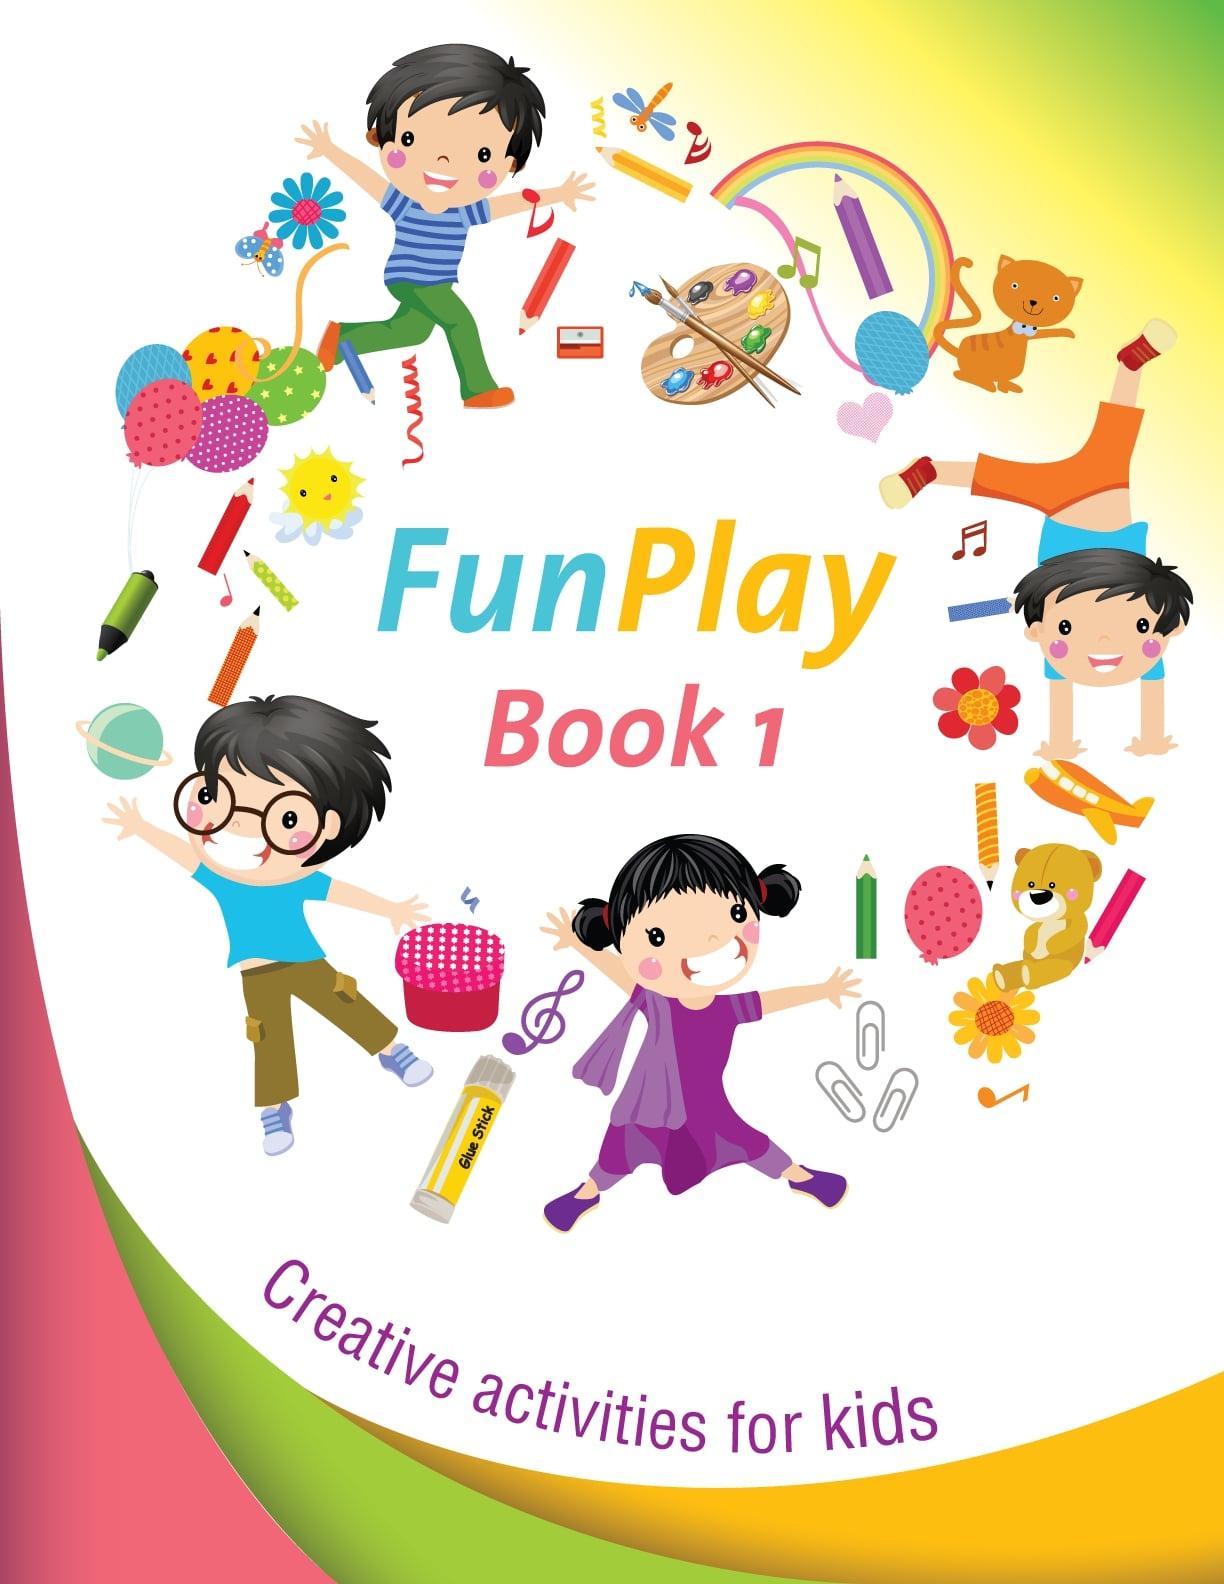 Fun Play Series